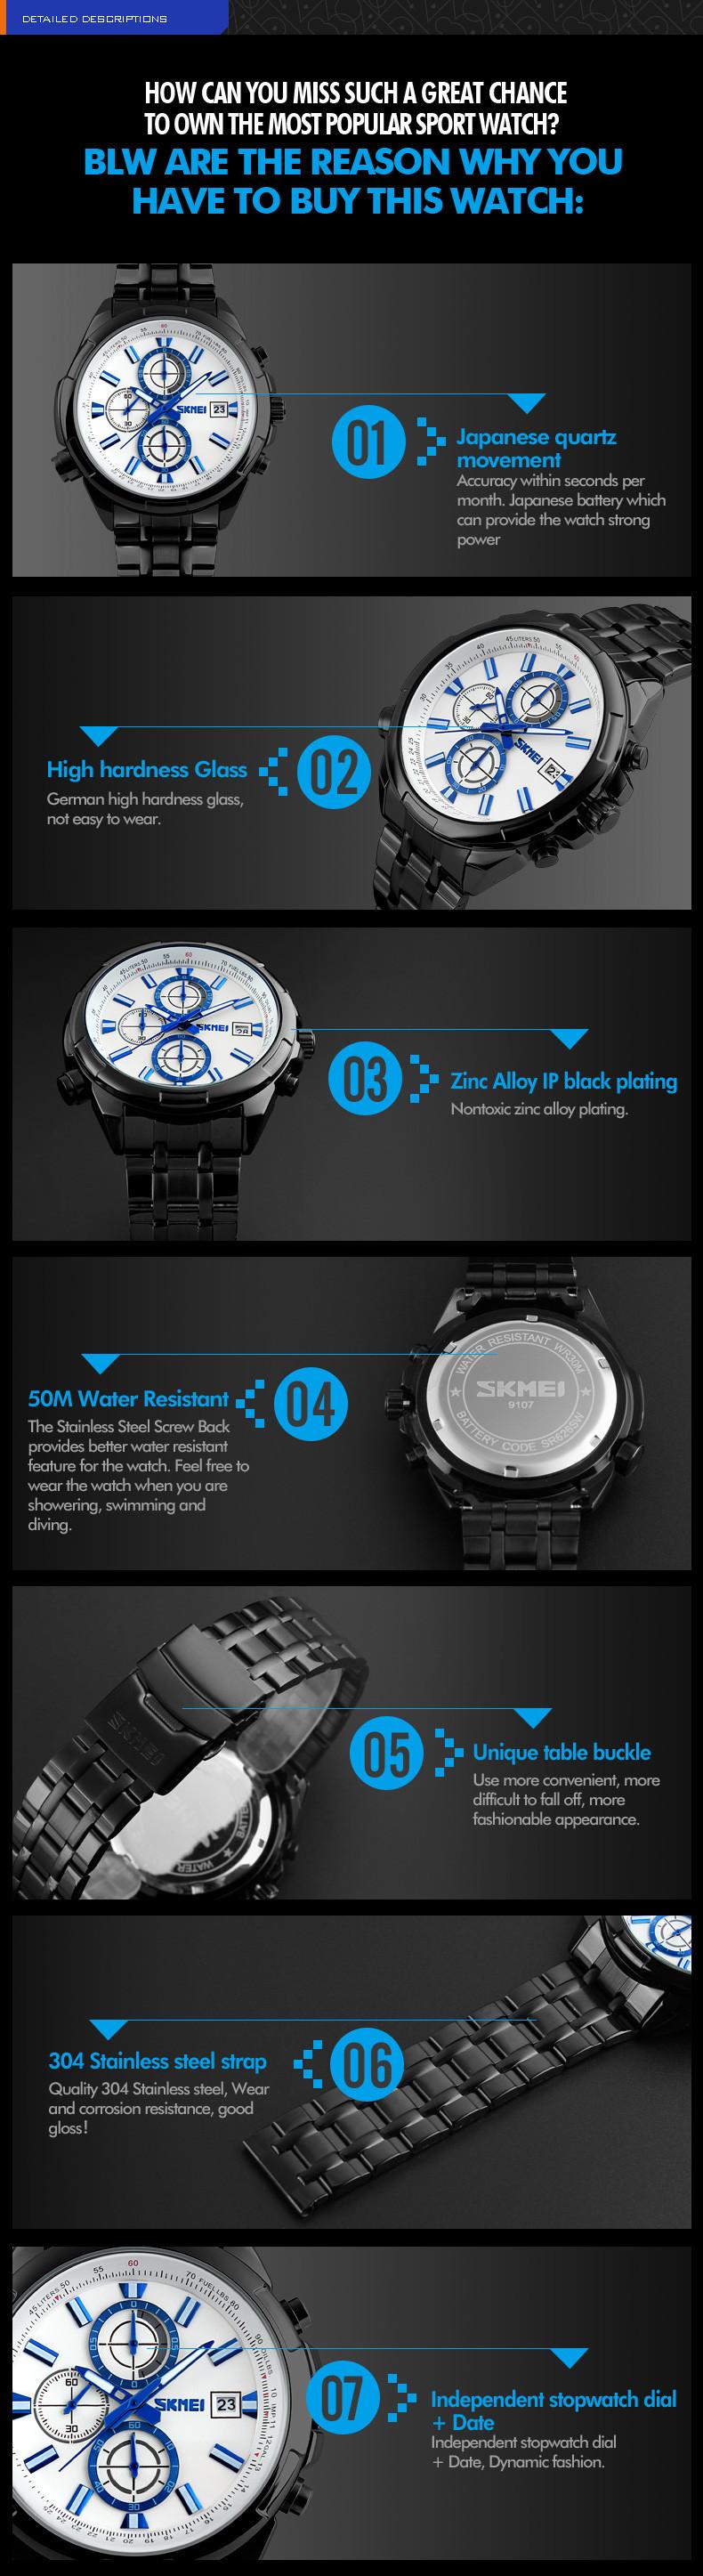 Skmei 9107 Мужская Мода Кварцевые Часы Водонепроницаемость Спортивного Стиля Из Нержавеющей Стали Ремешок Наручные Часы